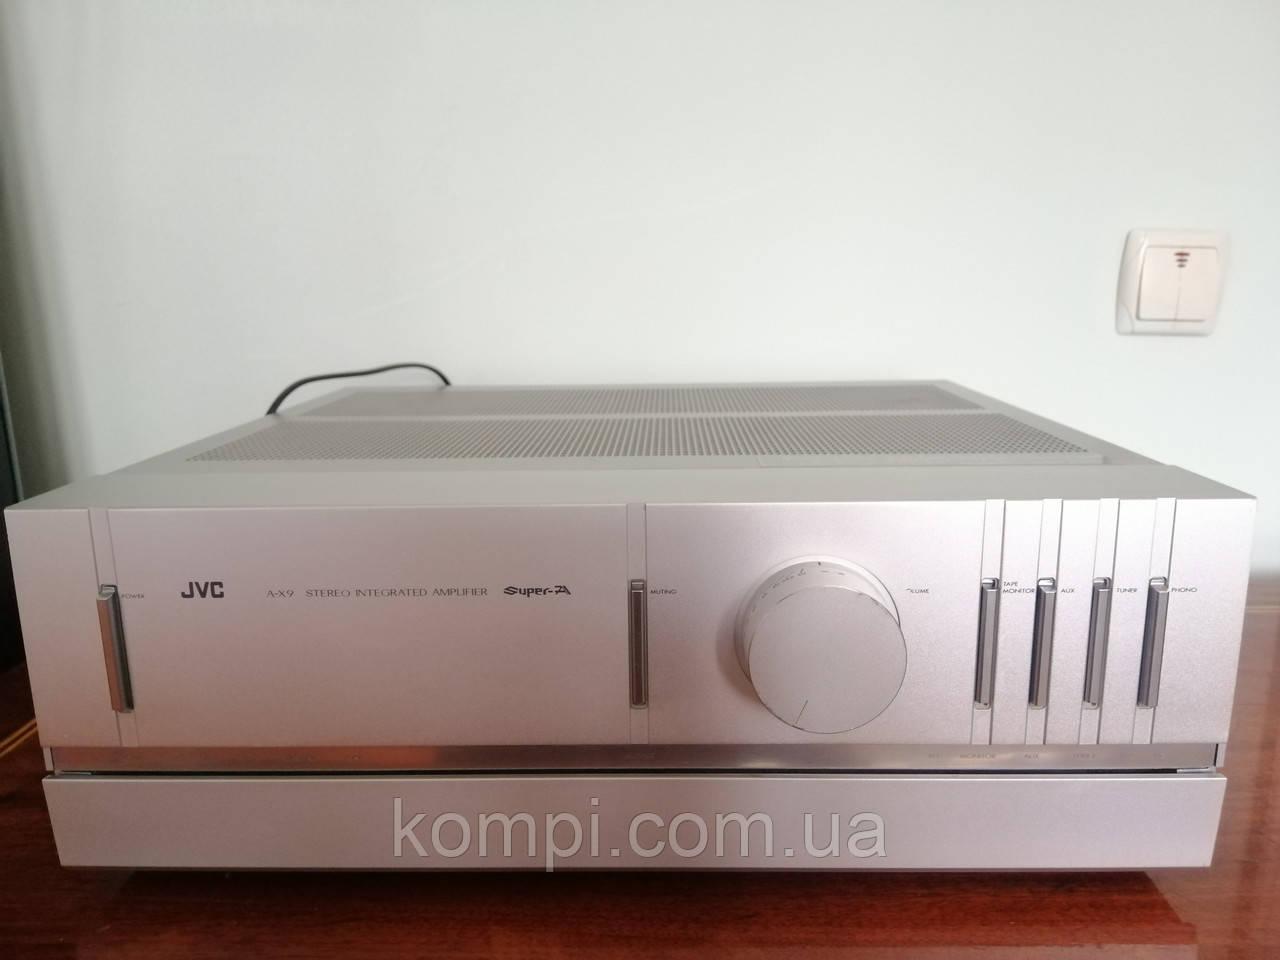 Интегральный усилитель JVC A-X9 Made in Japan HI-END